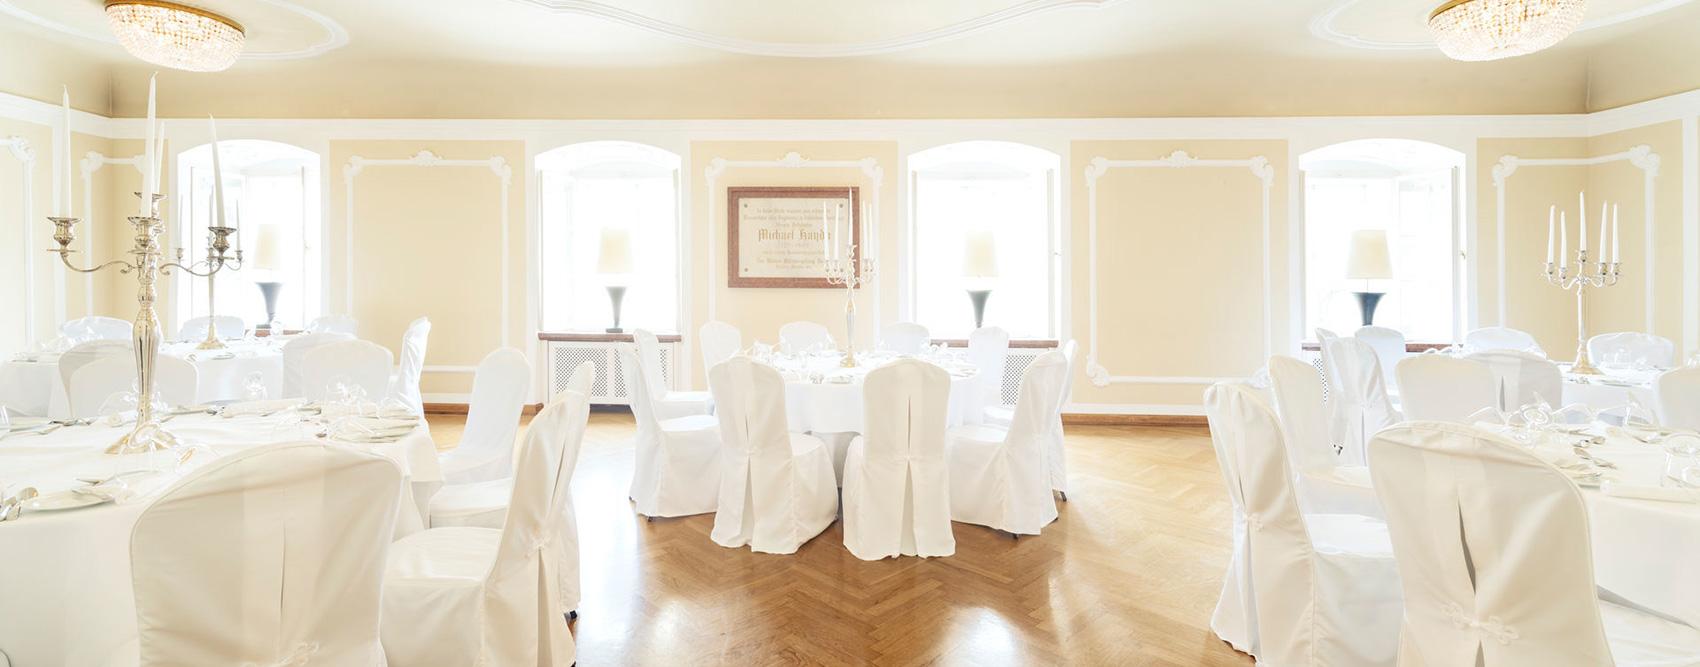 Hochzeitslocation Salzburg Hotel Krallerhof Top Hochzeits